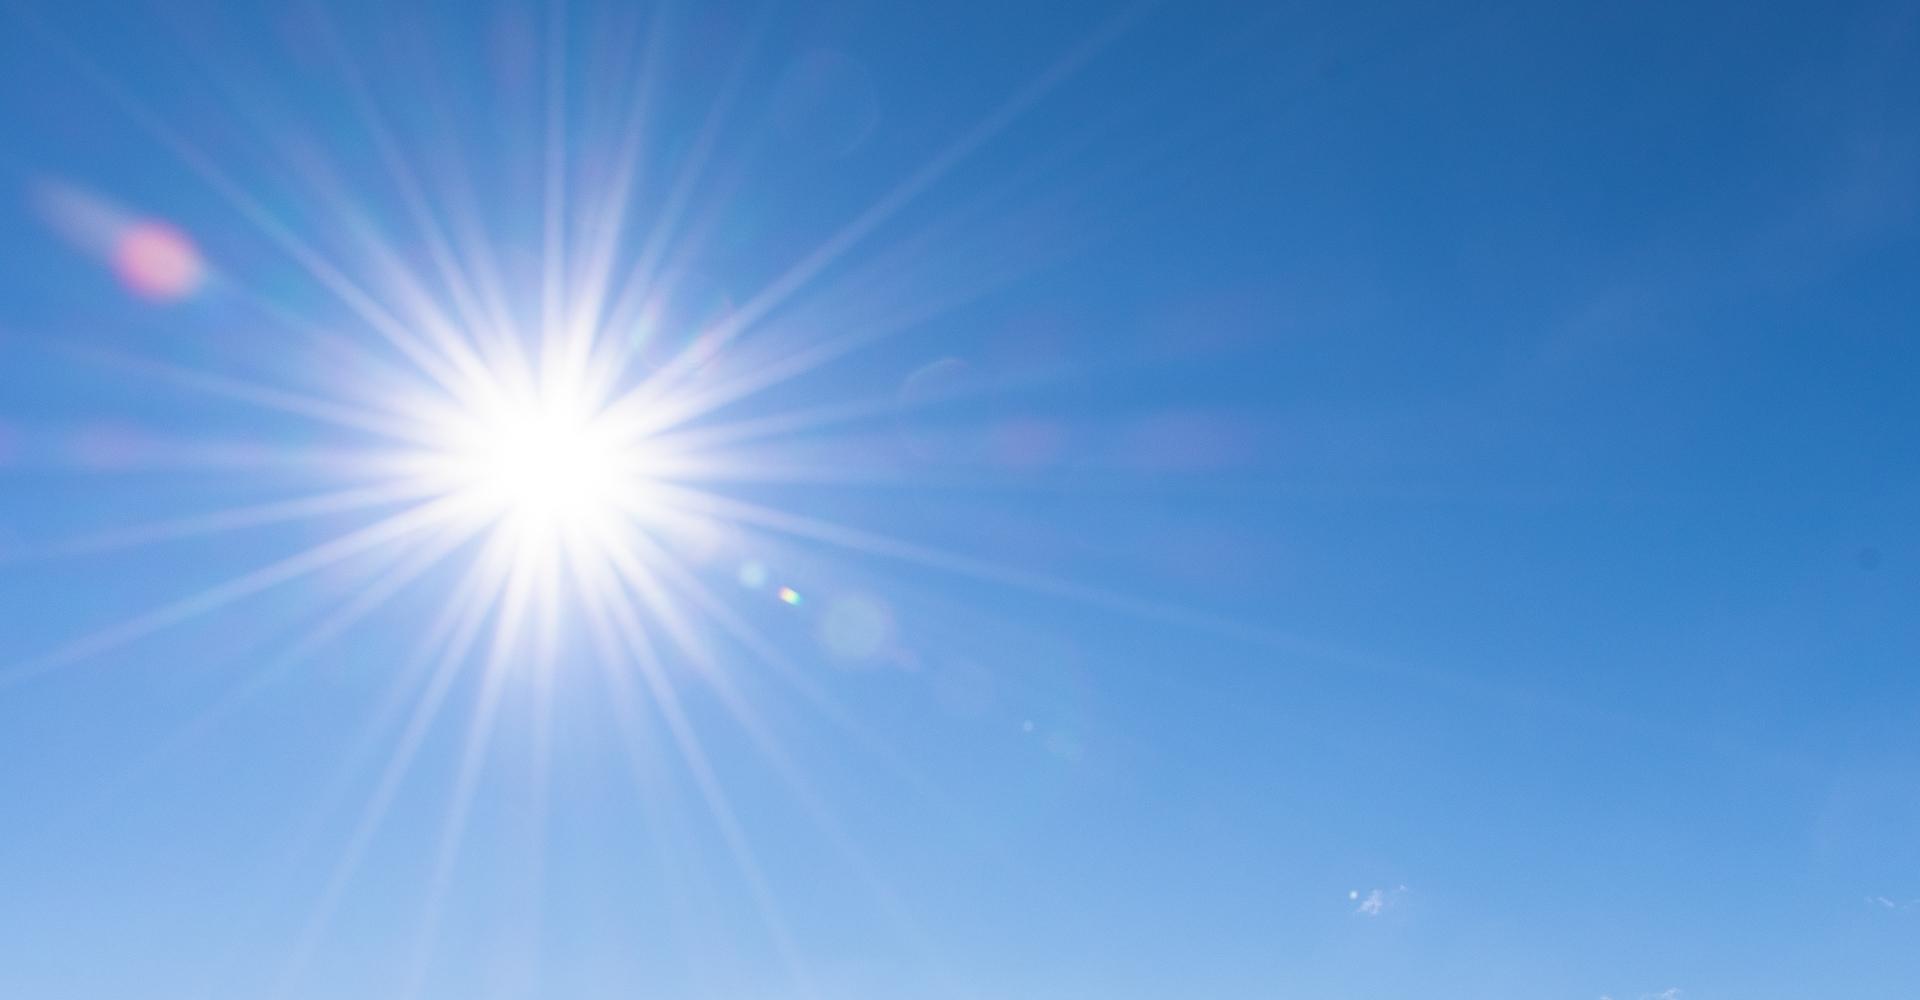 Stralende zon op een strakblauwe lucht